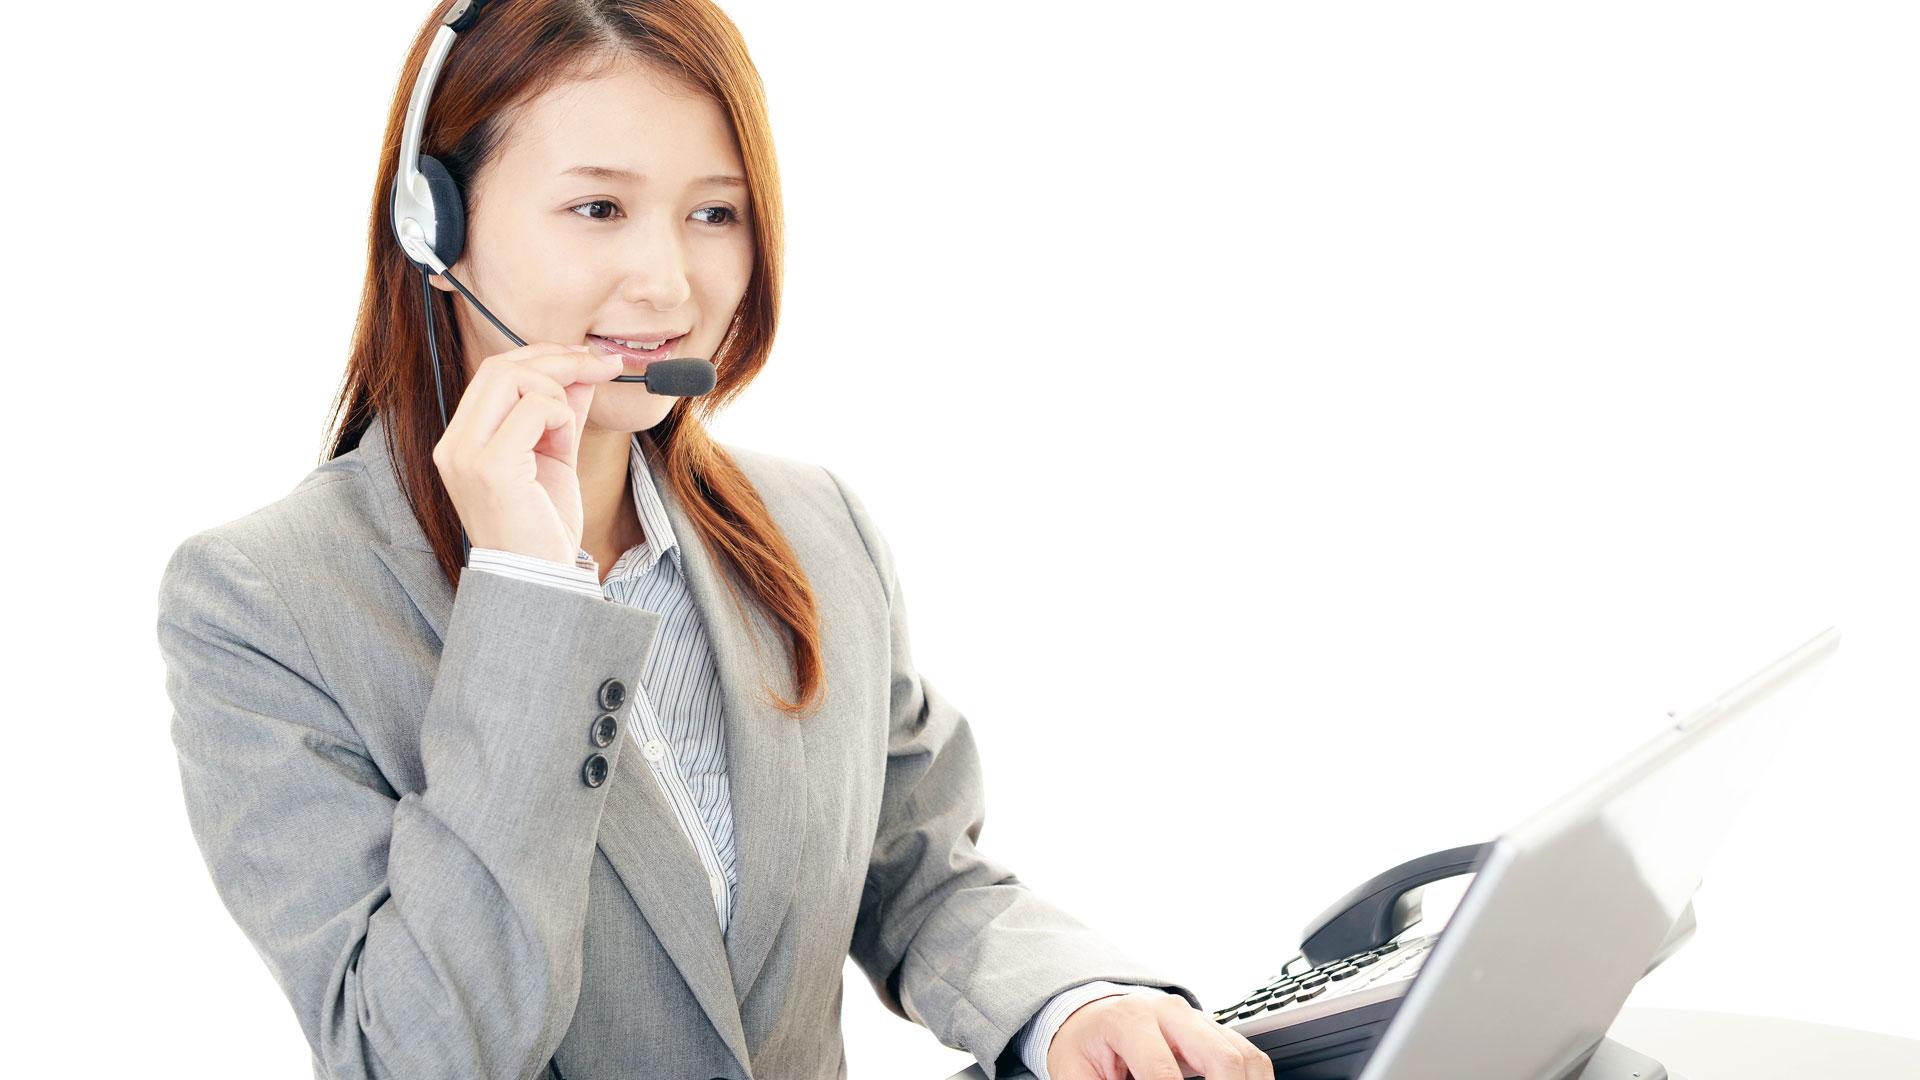 できる社員の電話応対オンライン研修